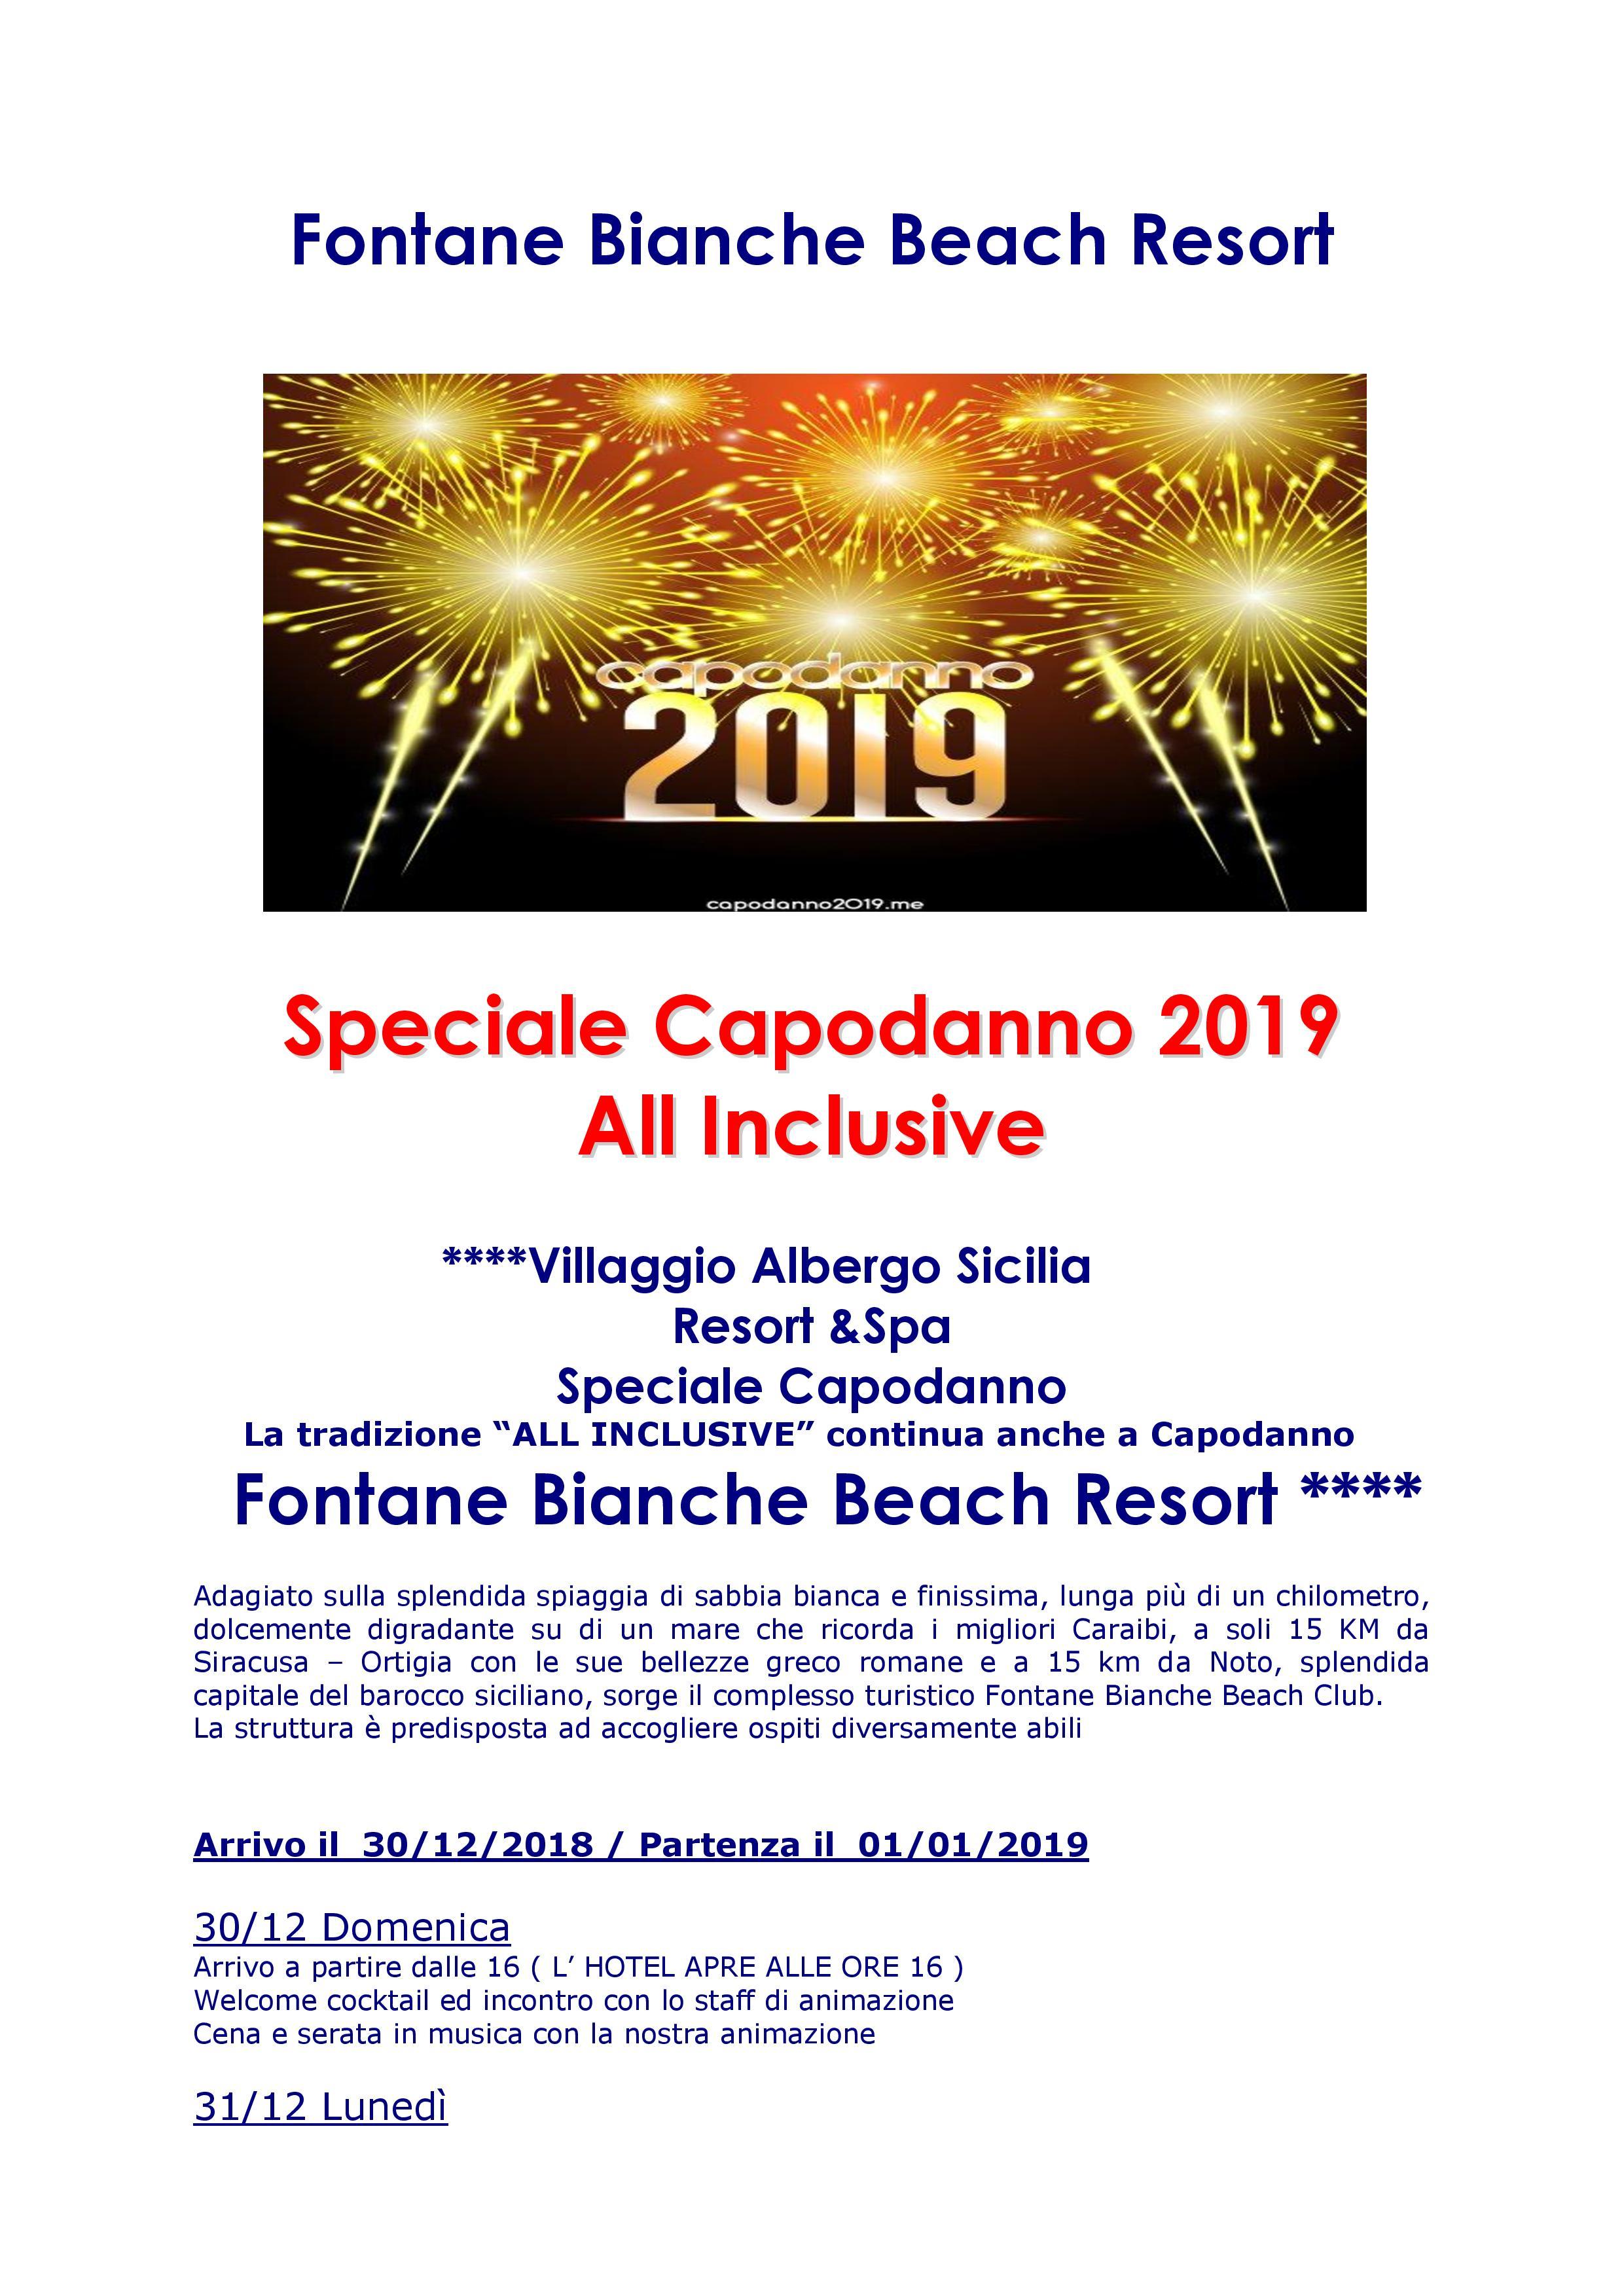 chatta italiano night club sicilia